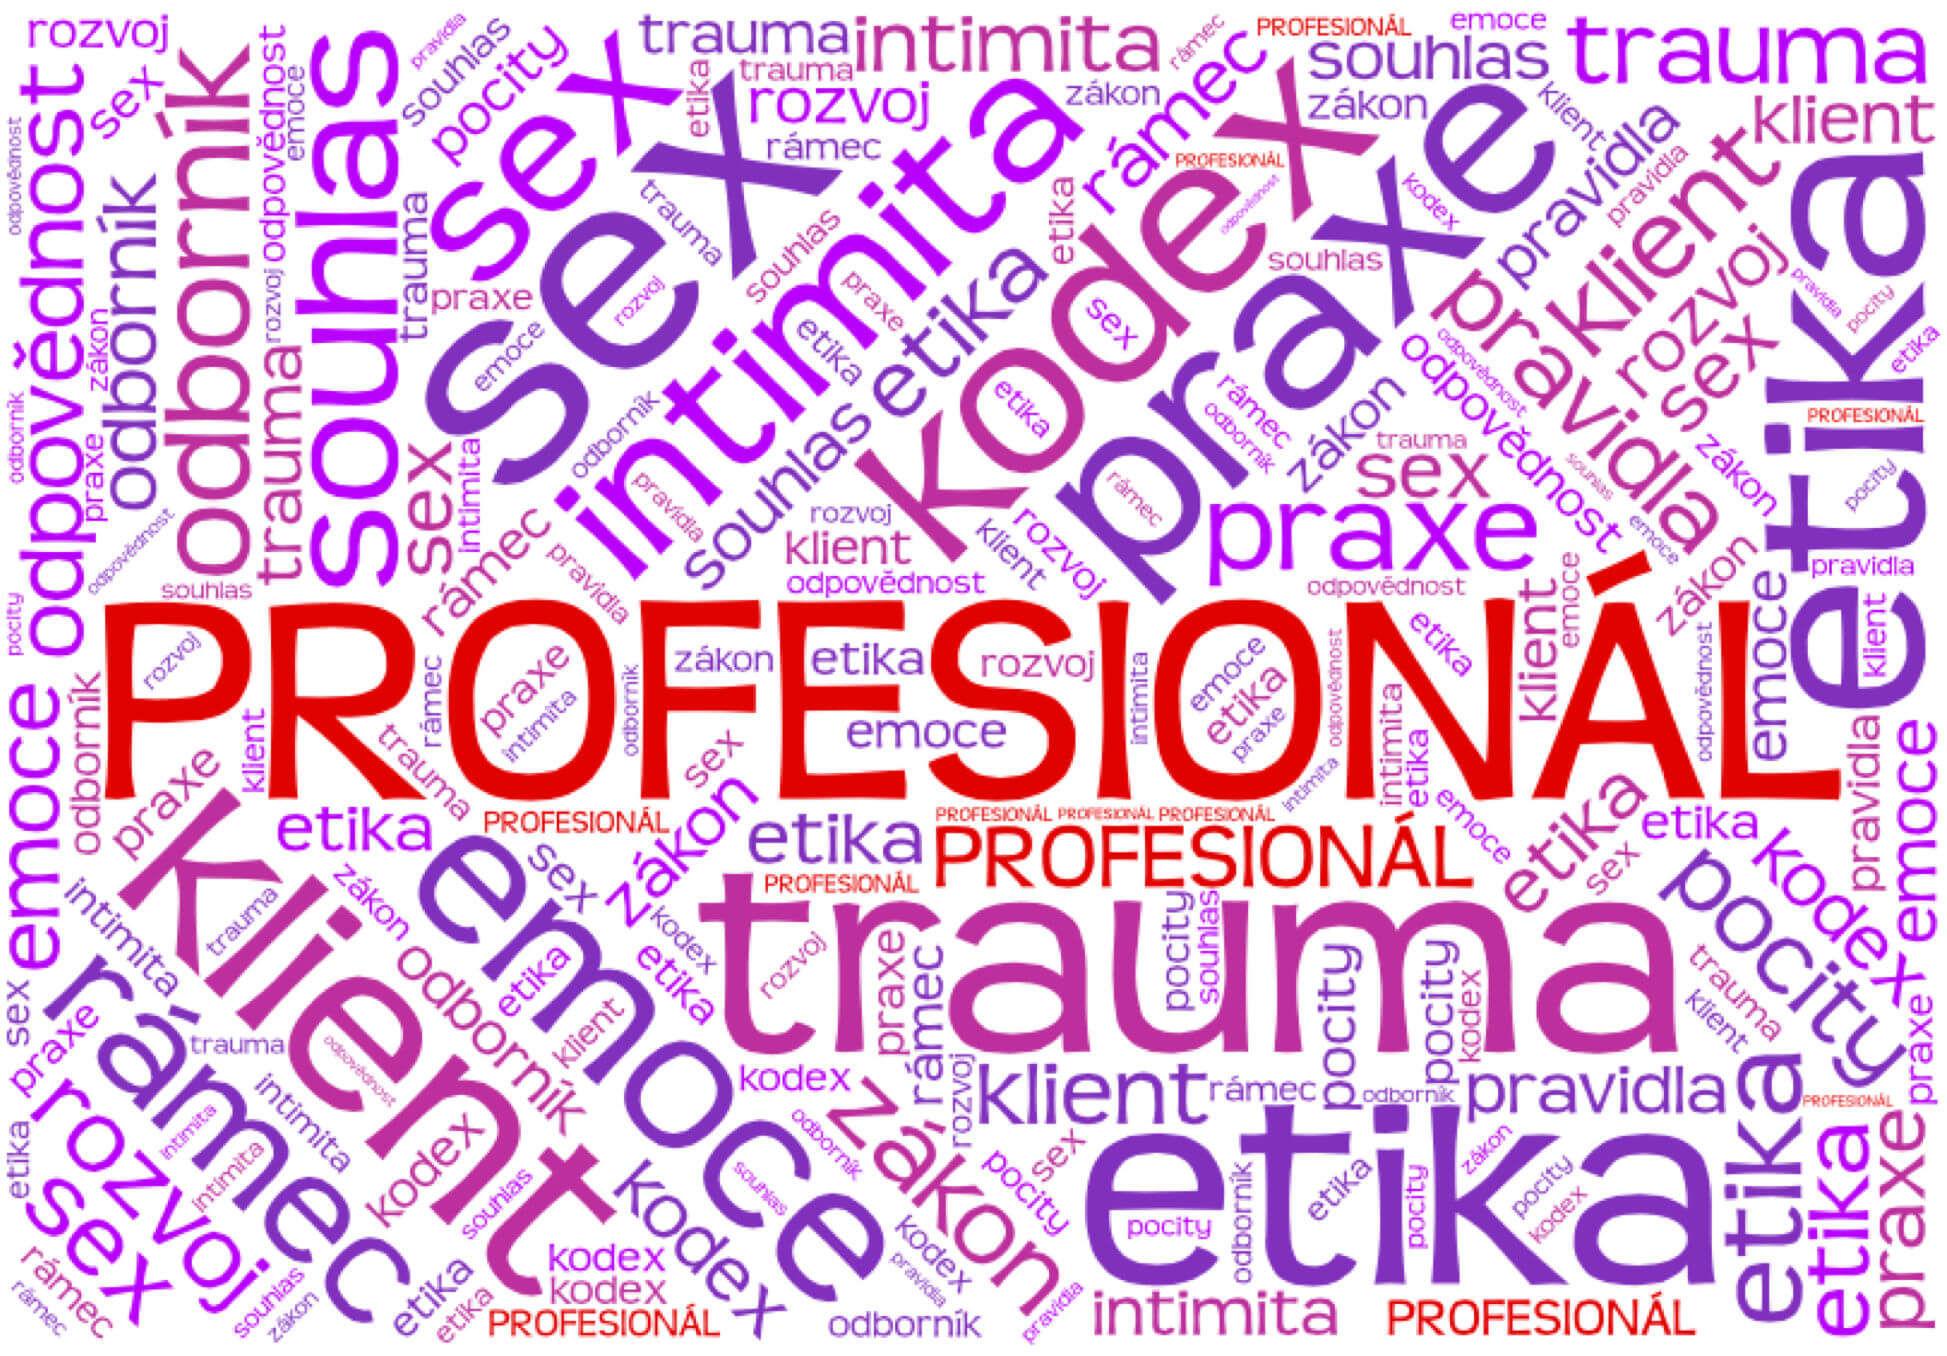 intimní splynutí, kurz pro odborníky, kurz pro profesionály, profesní etika, etika při práci s lidmi